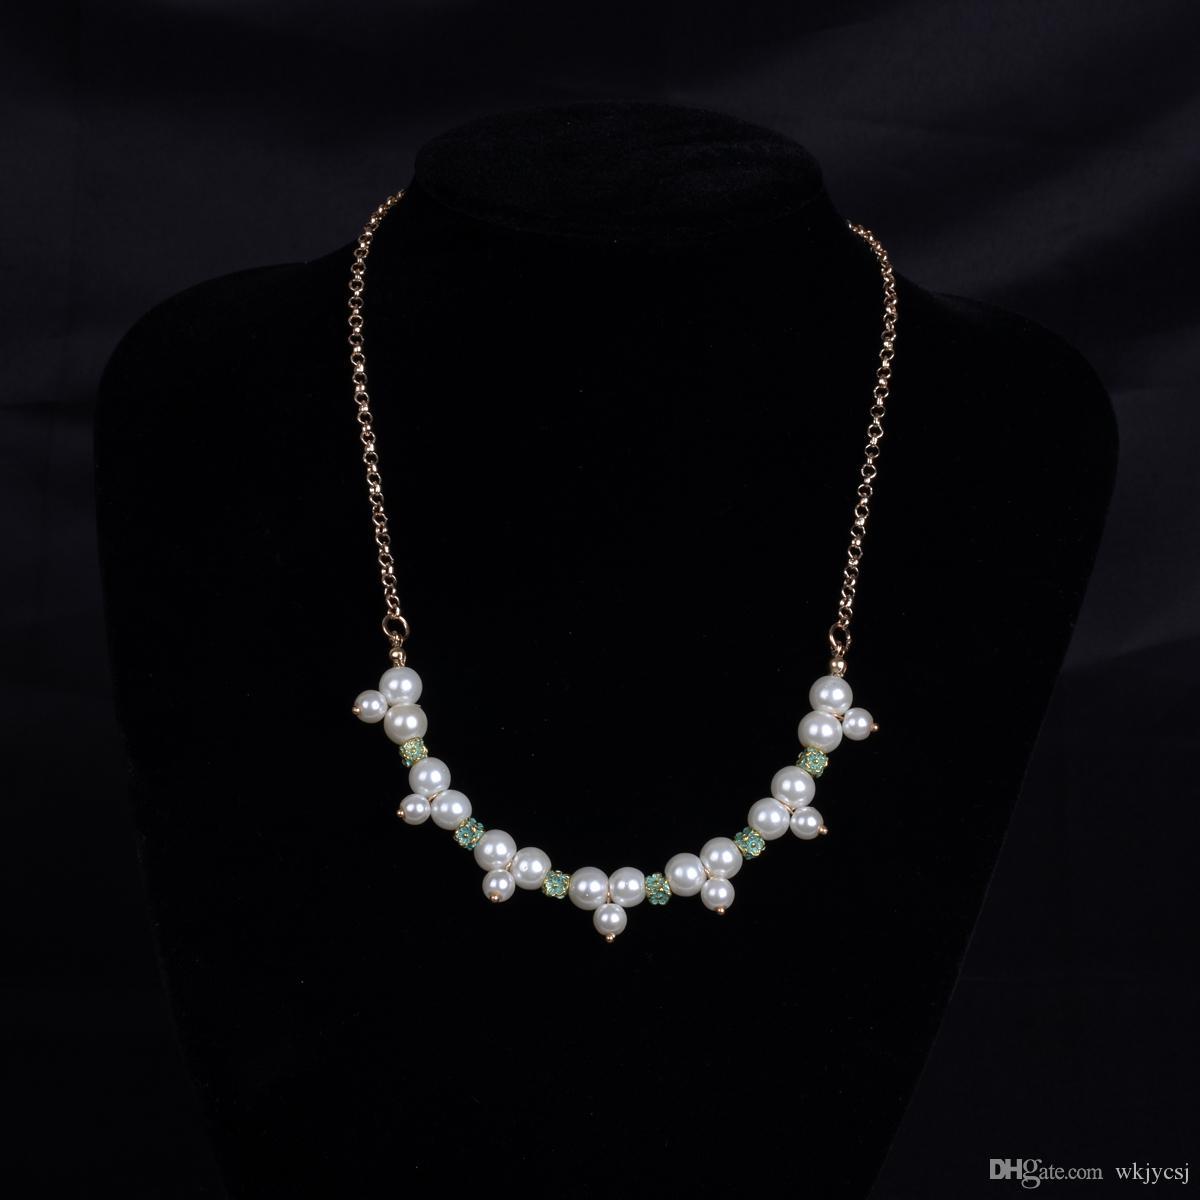 69edd7c7e72b Compre Collar Blanco Y Dorado Joyas Fornidas Collar De Perlas ...